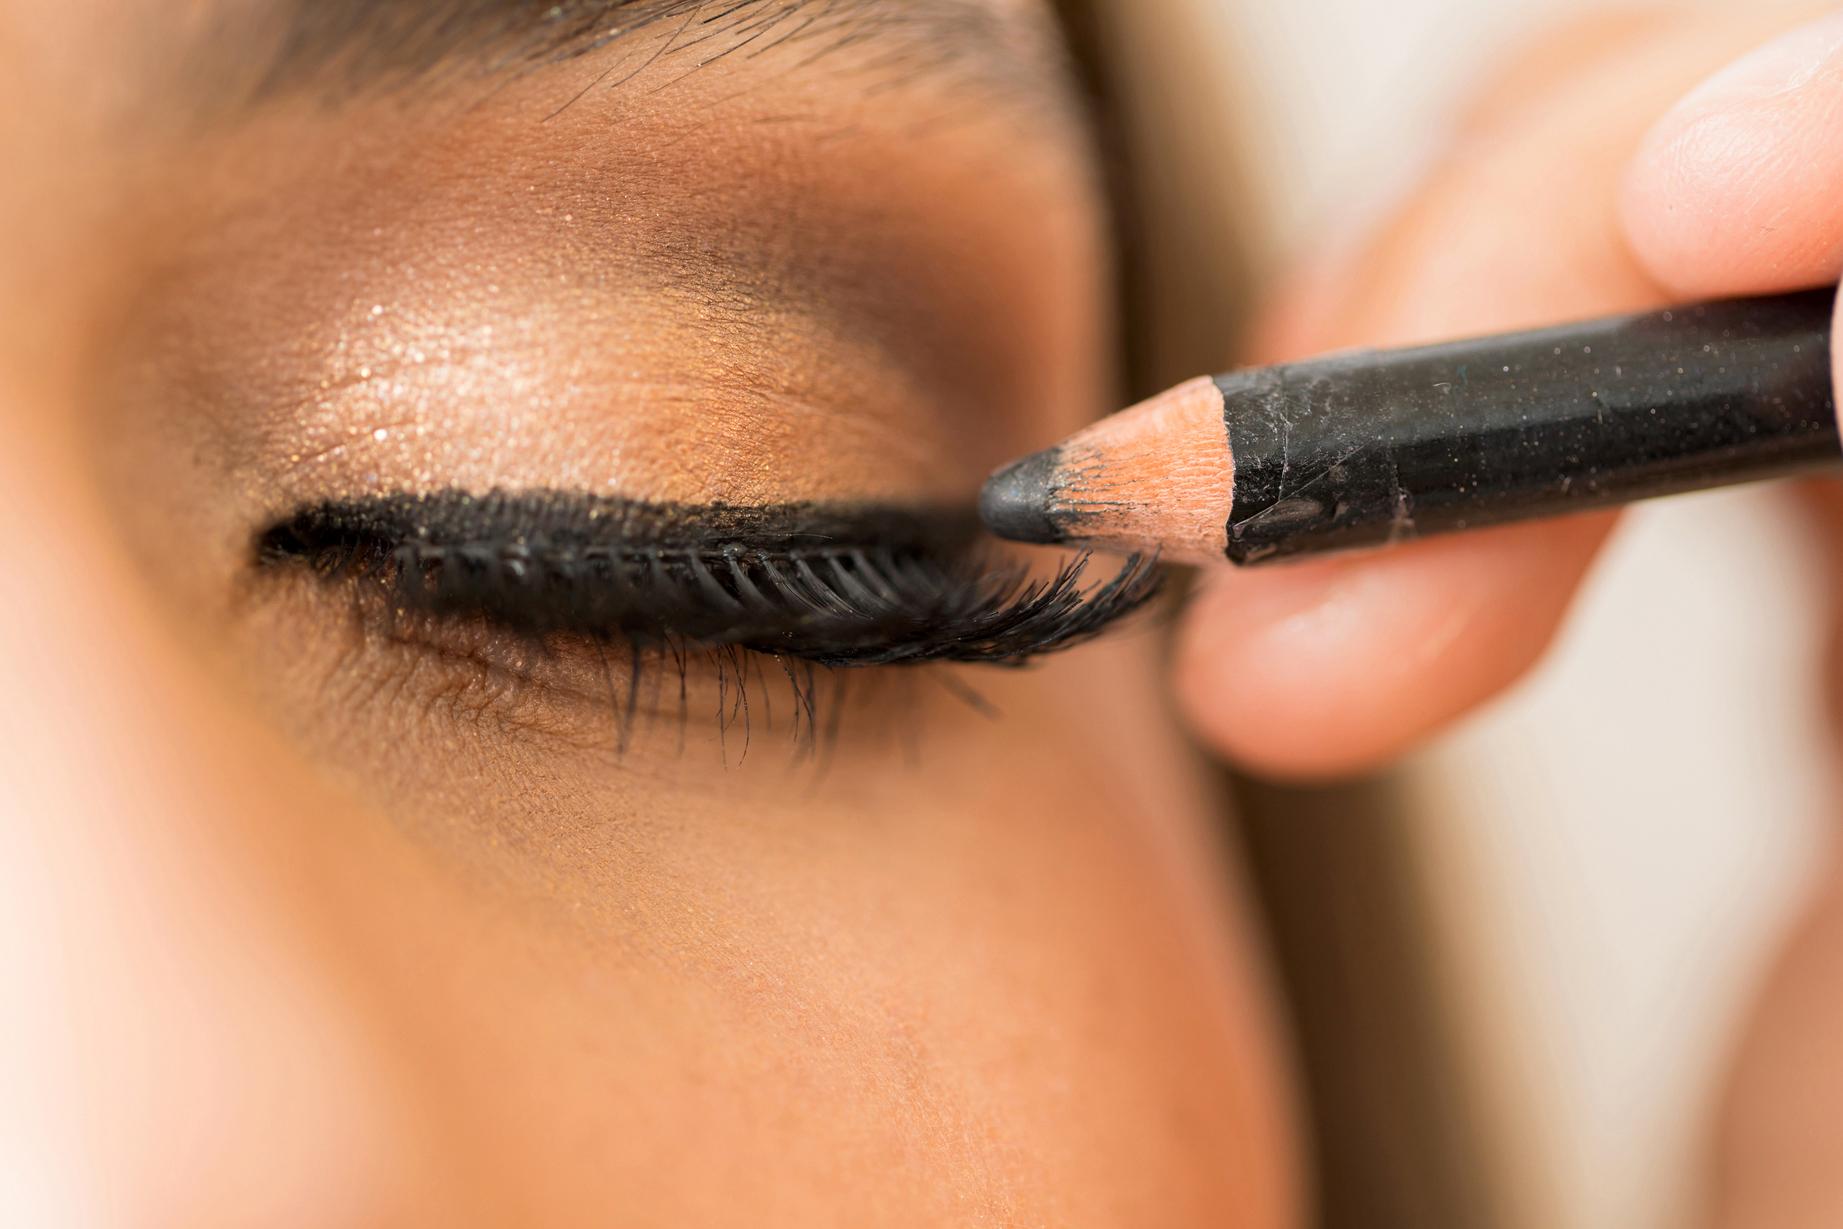 895c190c5 Conheça 7 erros comuns de maquiagem que você pode evitar - Tudo ...